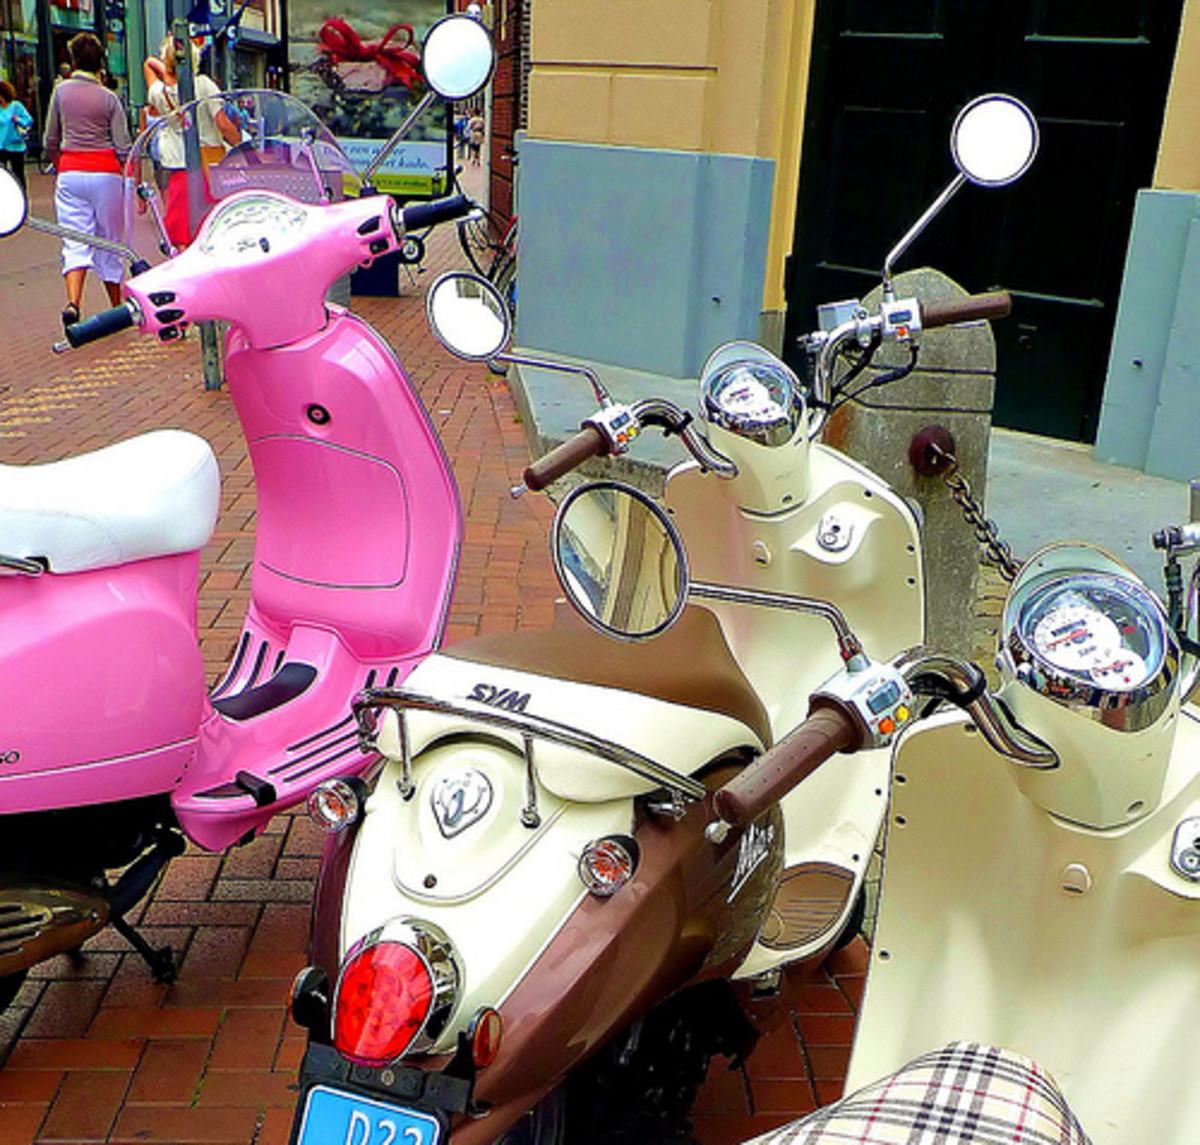 sidesaddle-motorcycle